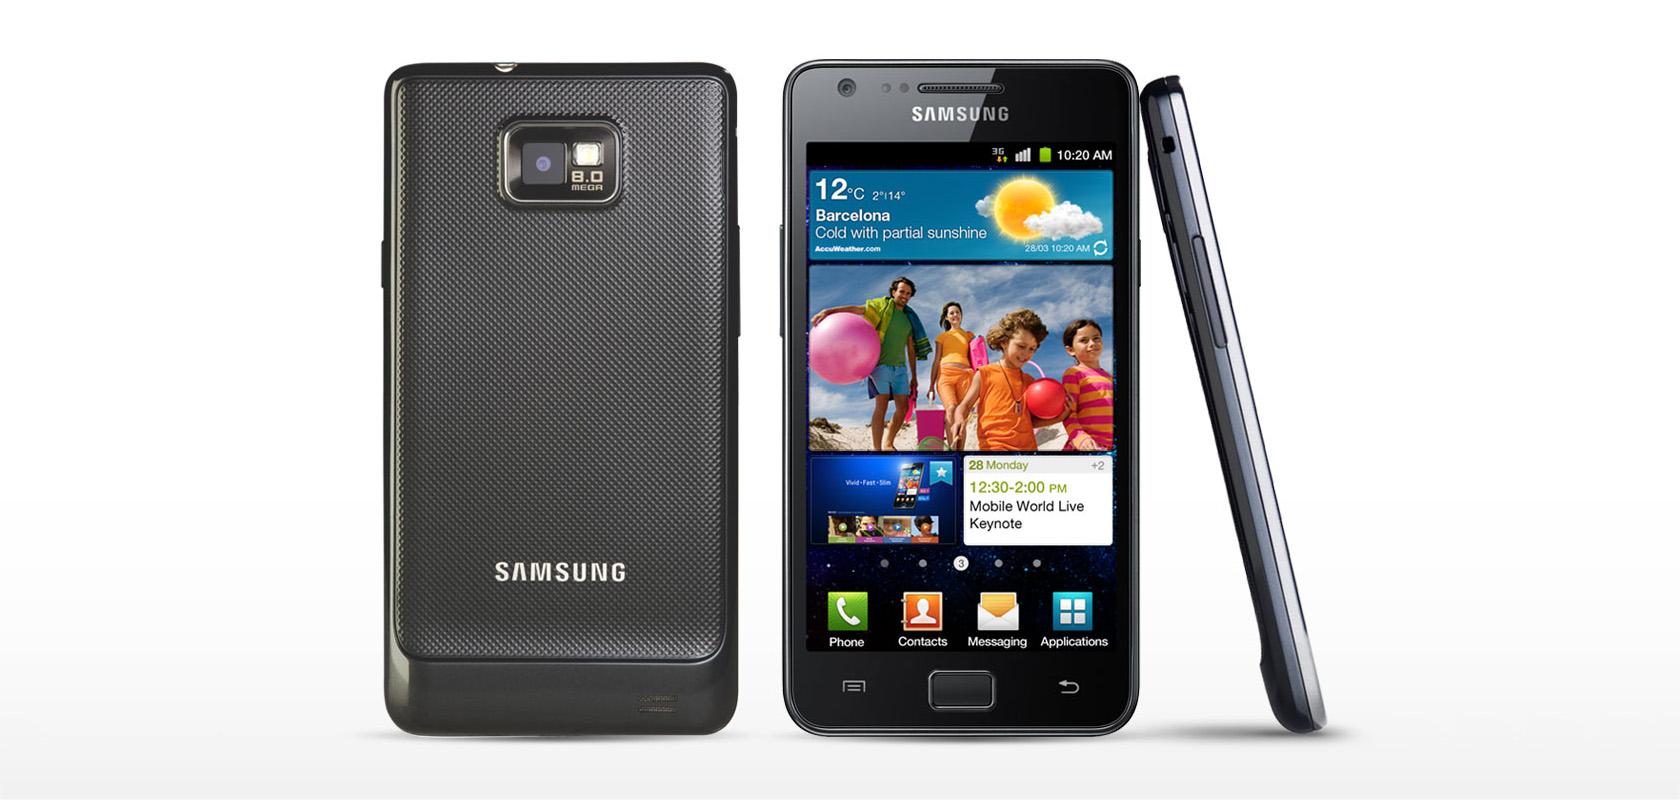 samsung galaxy s ii i9100 с андроид 4